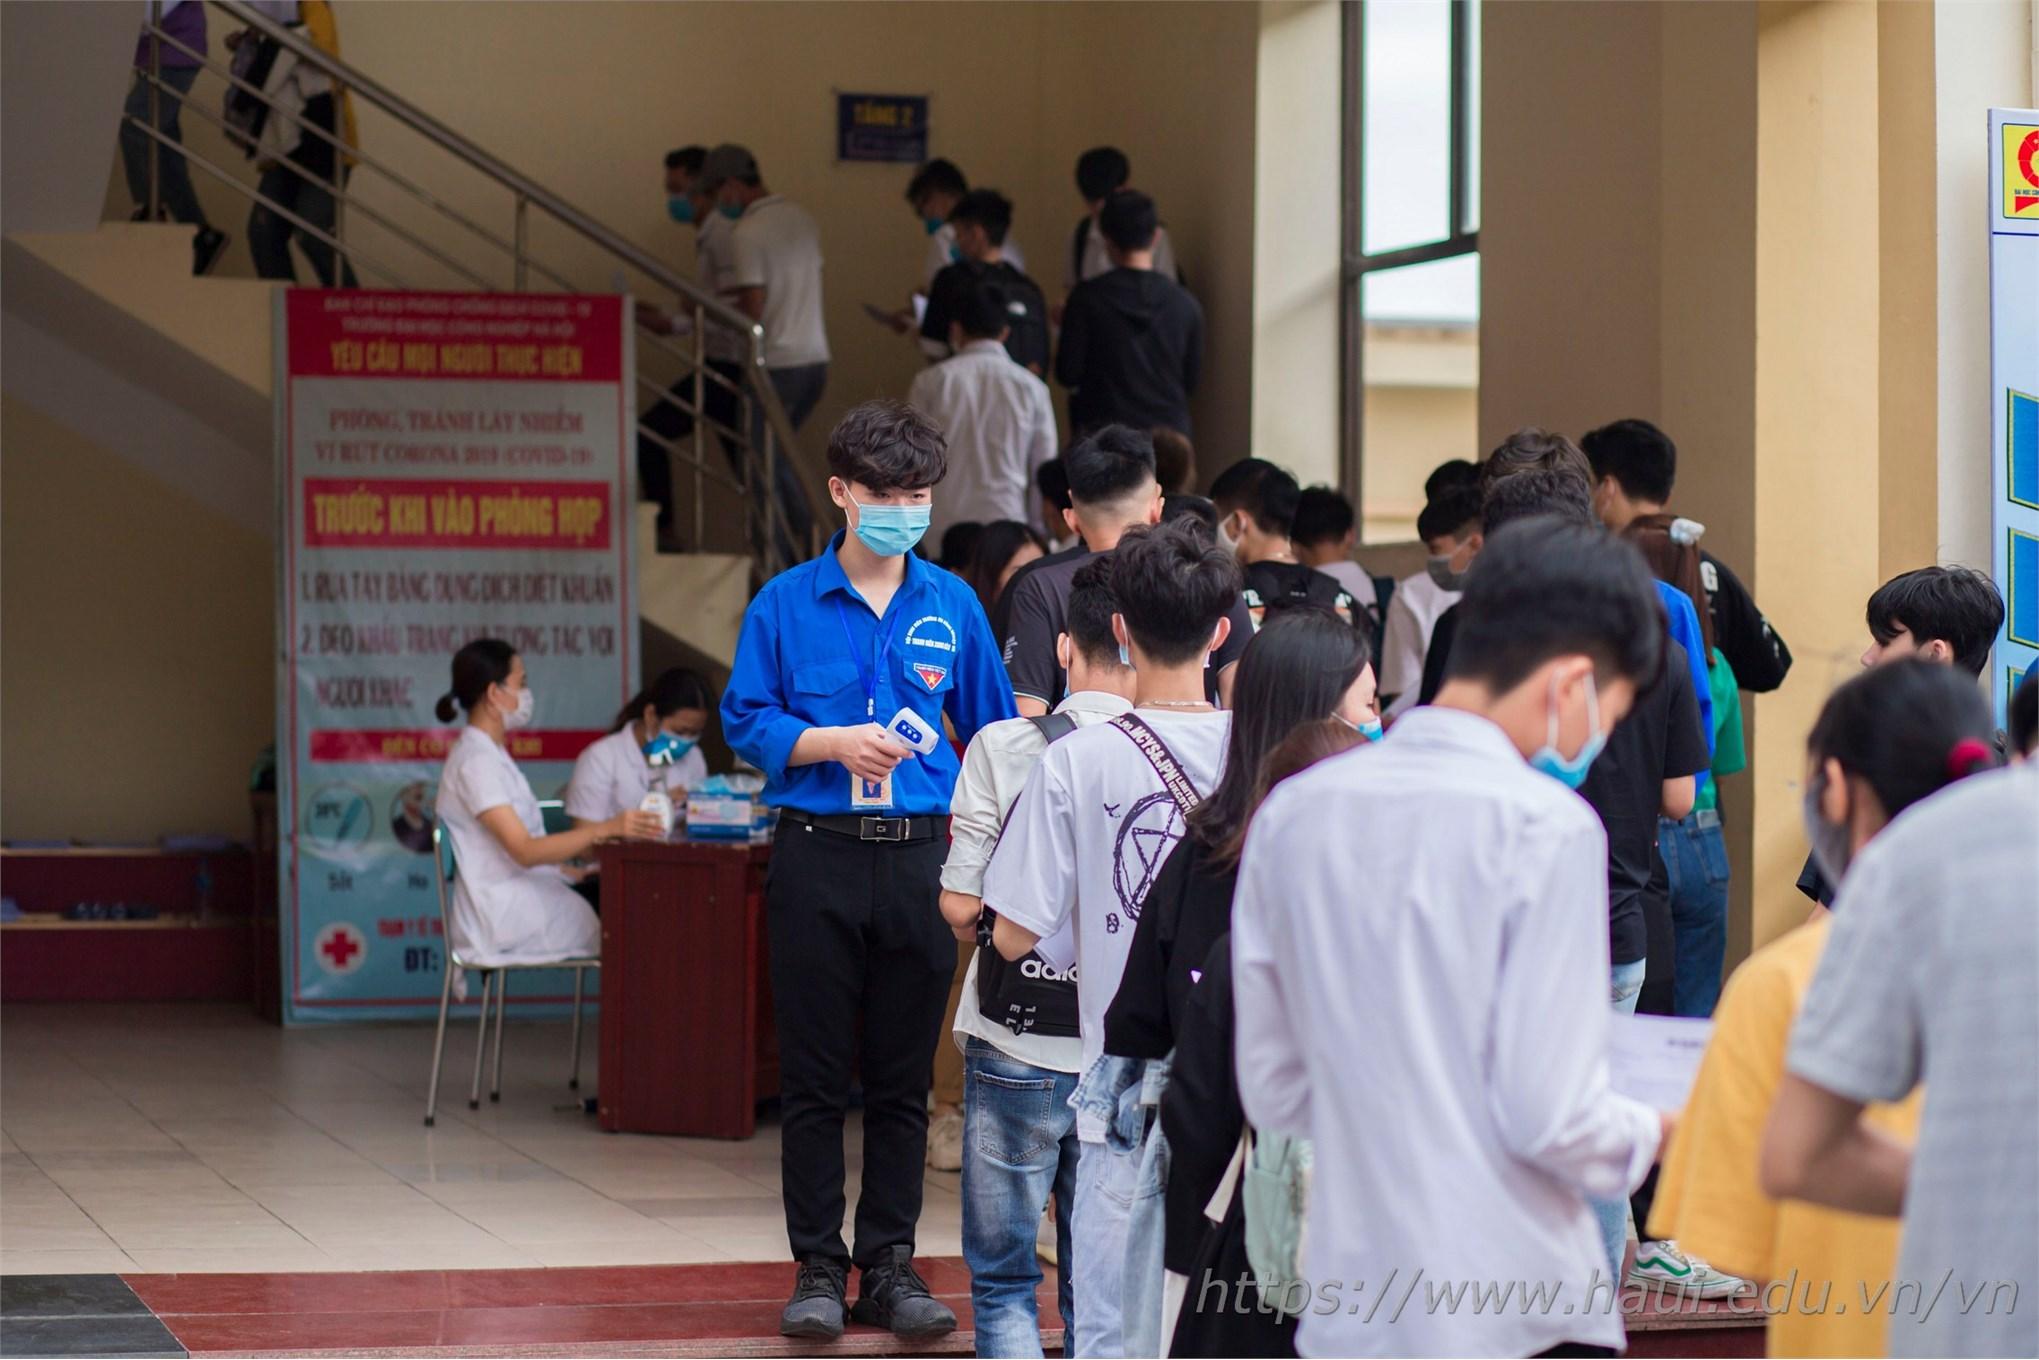 Đề cao tinh thần phòng chống Covid, đội ngũ y bác sĩ và đội sinh viên tình nguyện nhà trường đã phát khẩu trang miễn phí, đo thân nhiệt cho các thí sinh đến làm thủ tục xác nhận nhập học.